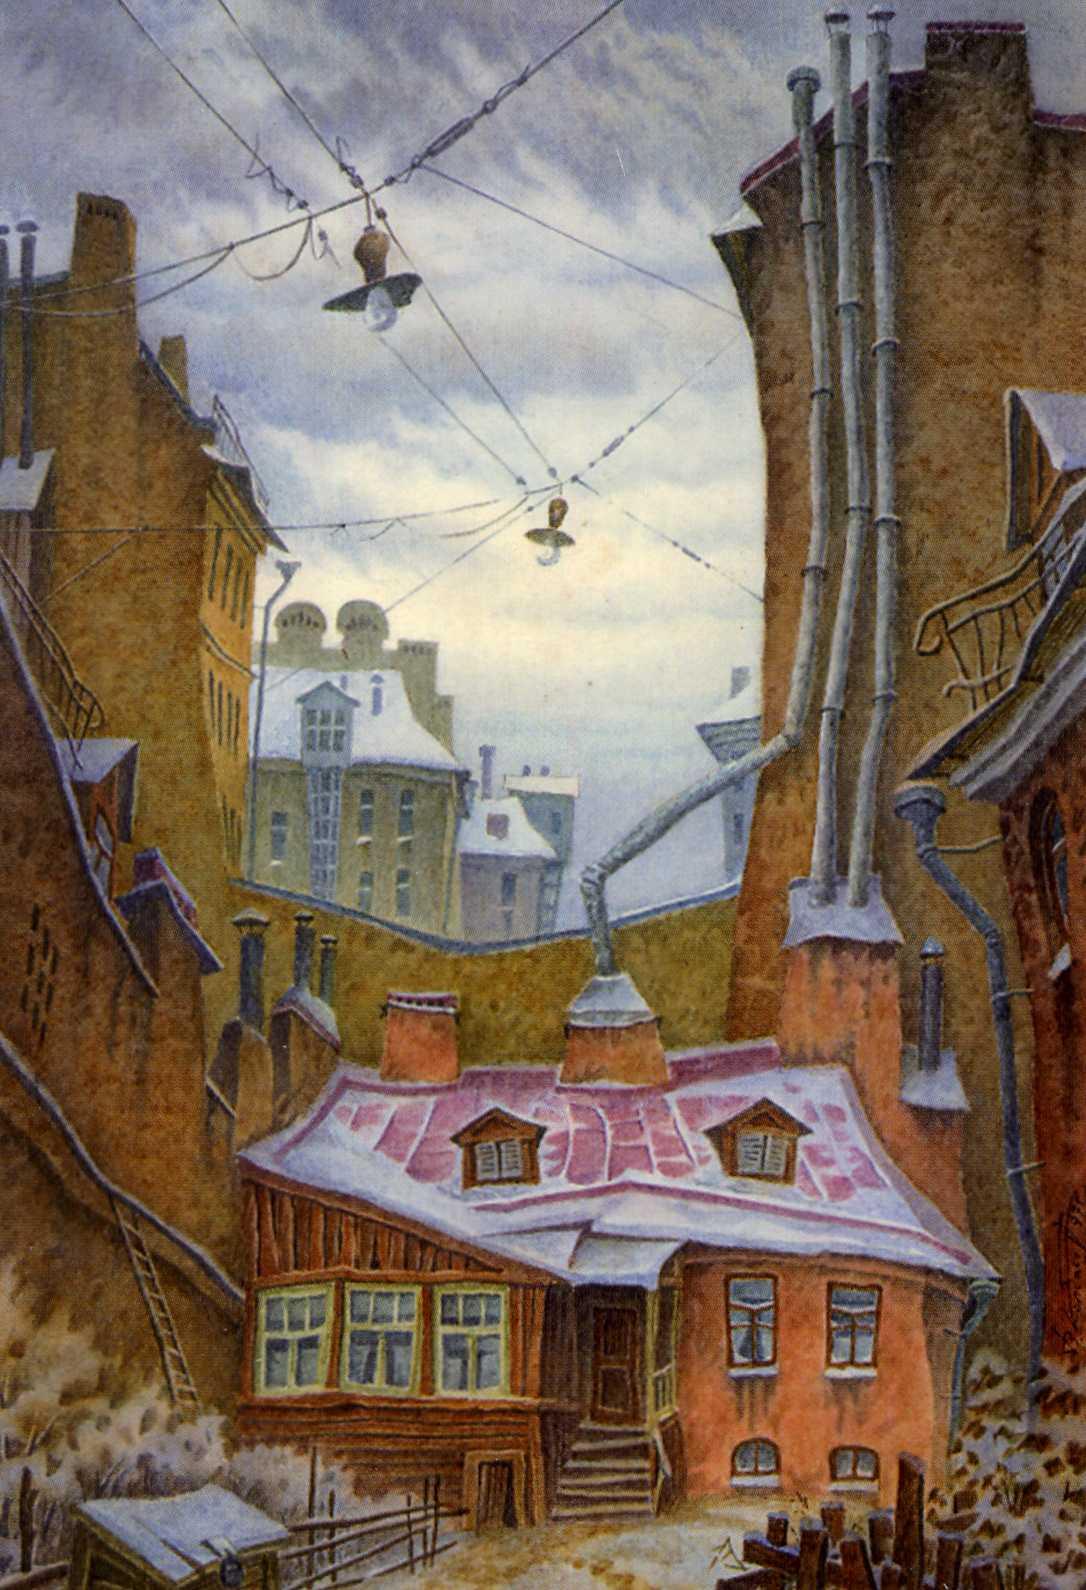 Картины дмитрия спироса дмитрий спирос рисует красивые картины города